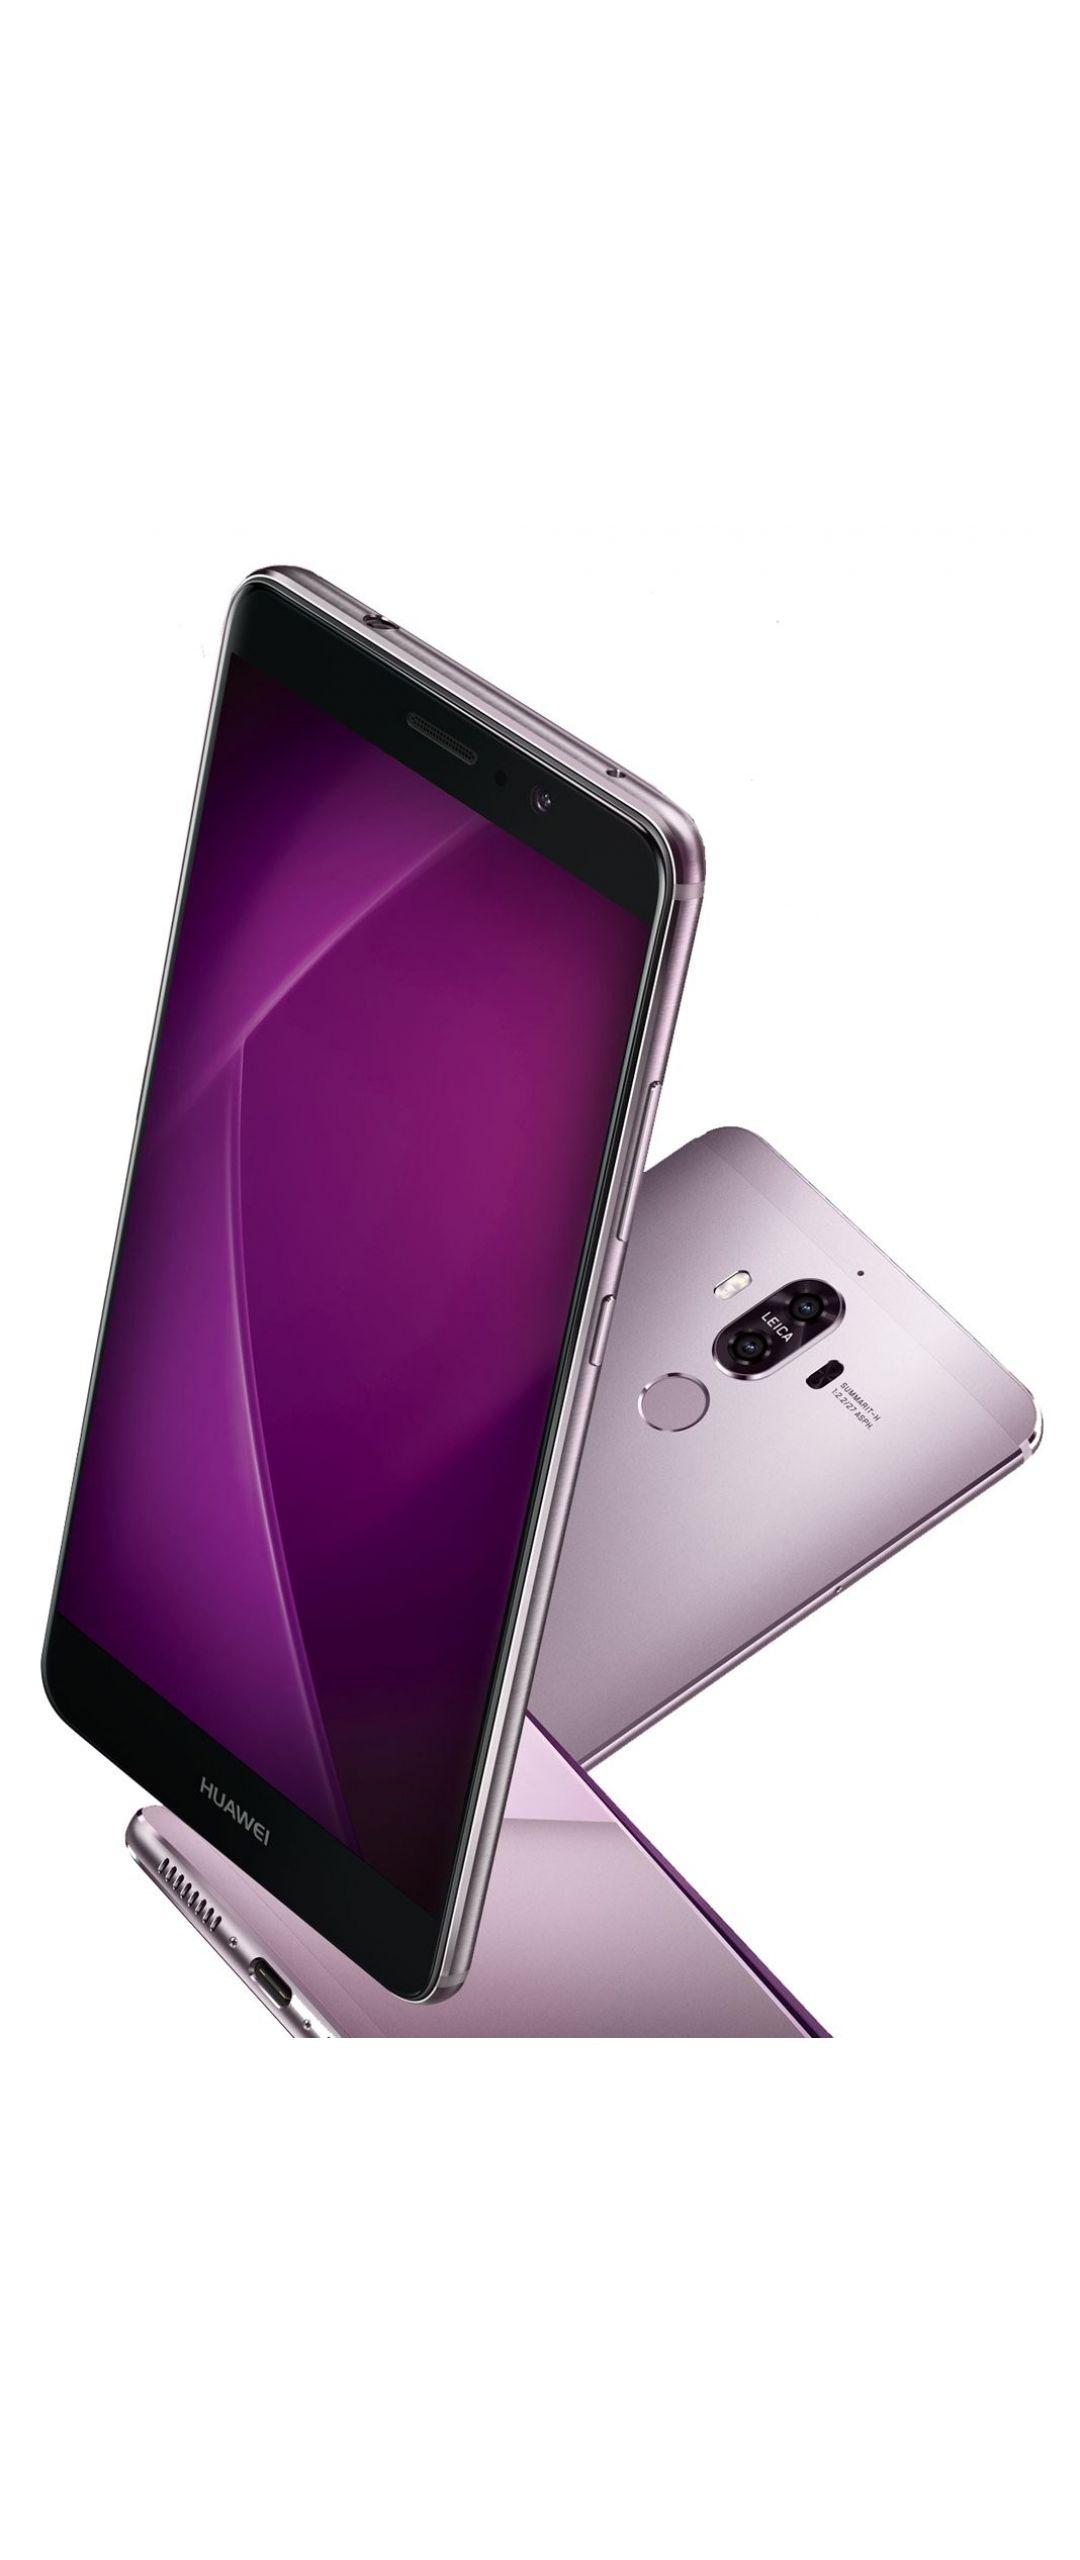 Huawei presenta oficialmente el Mate 9